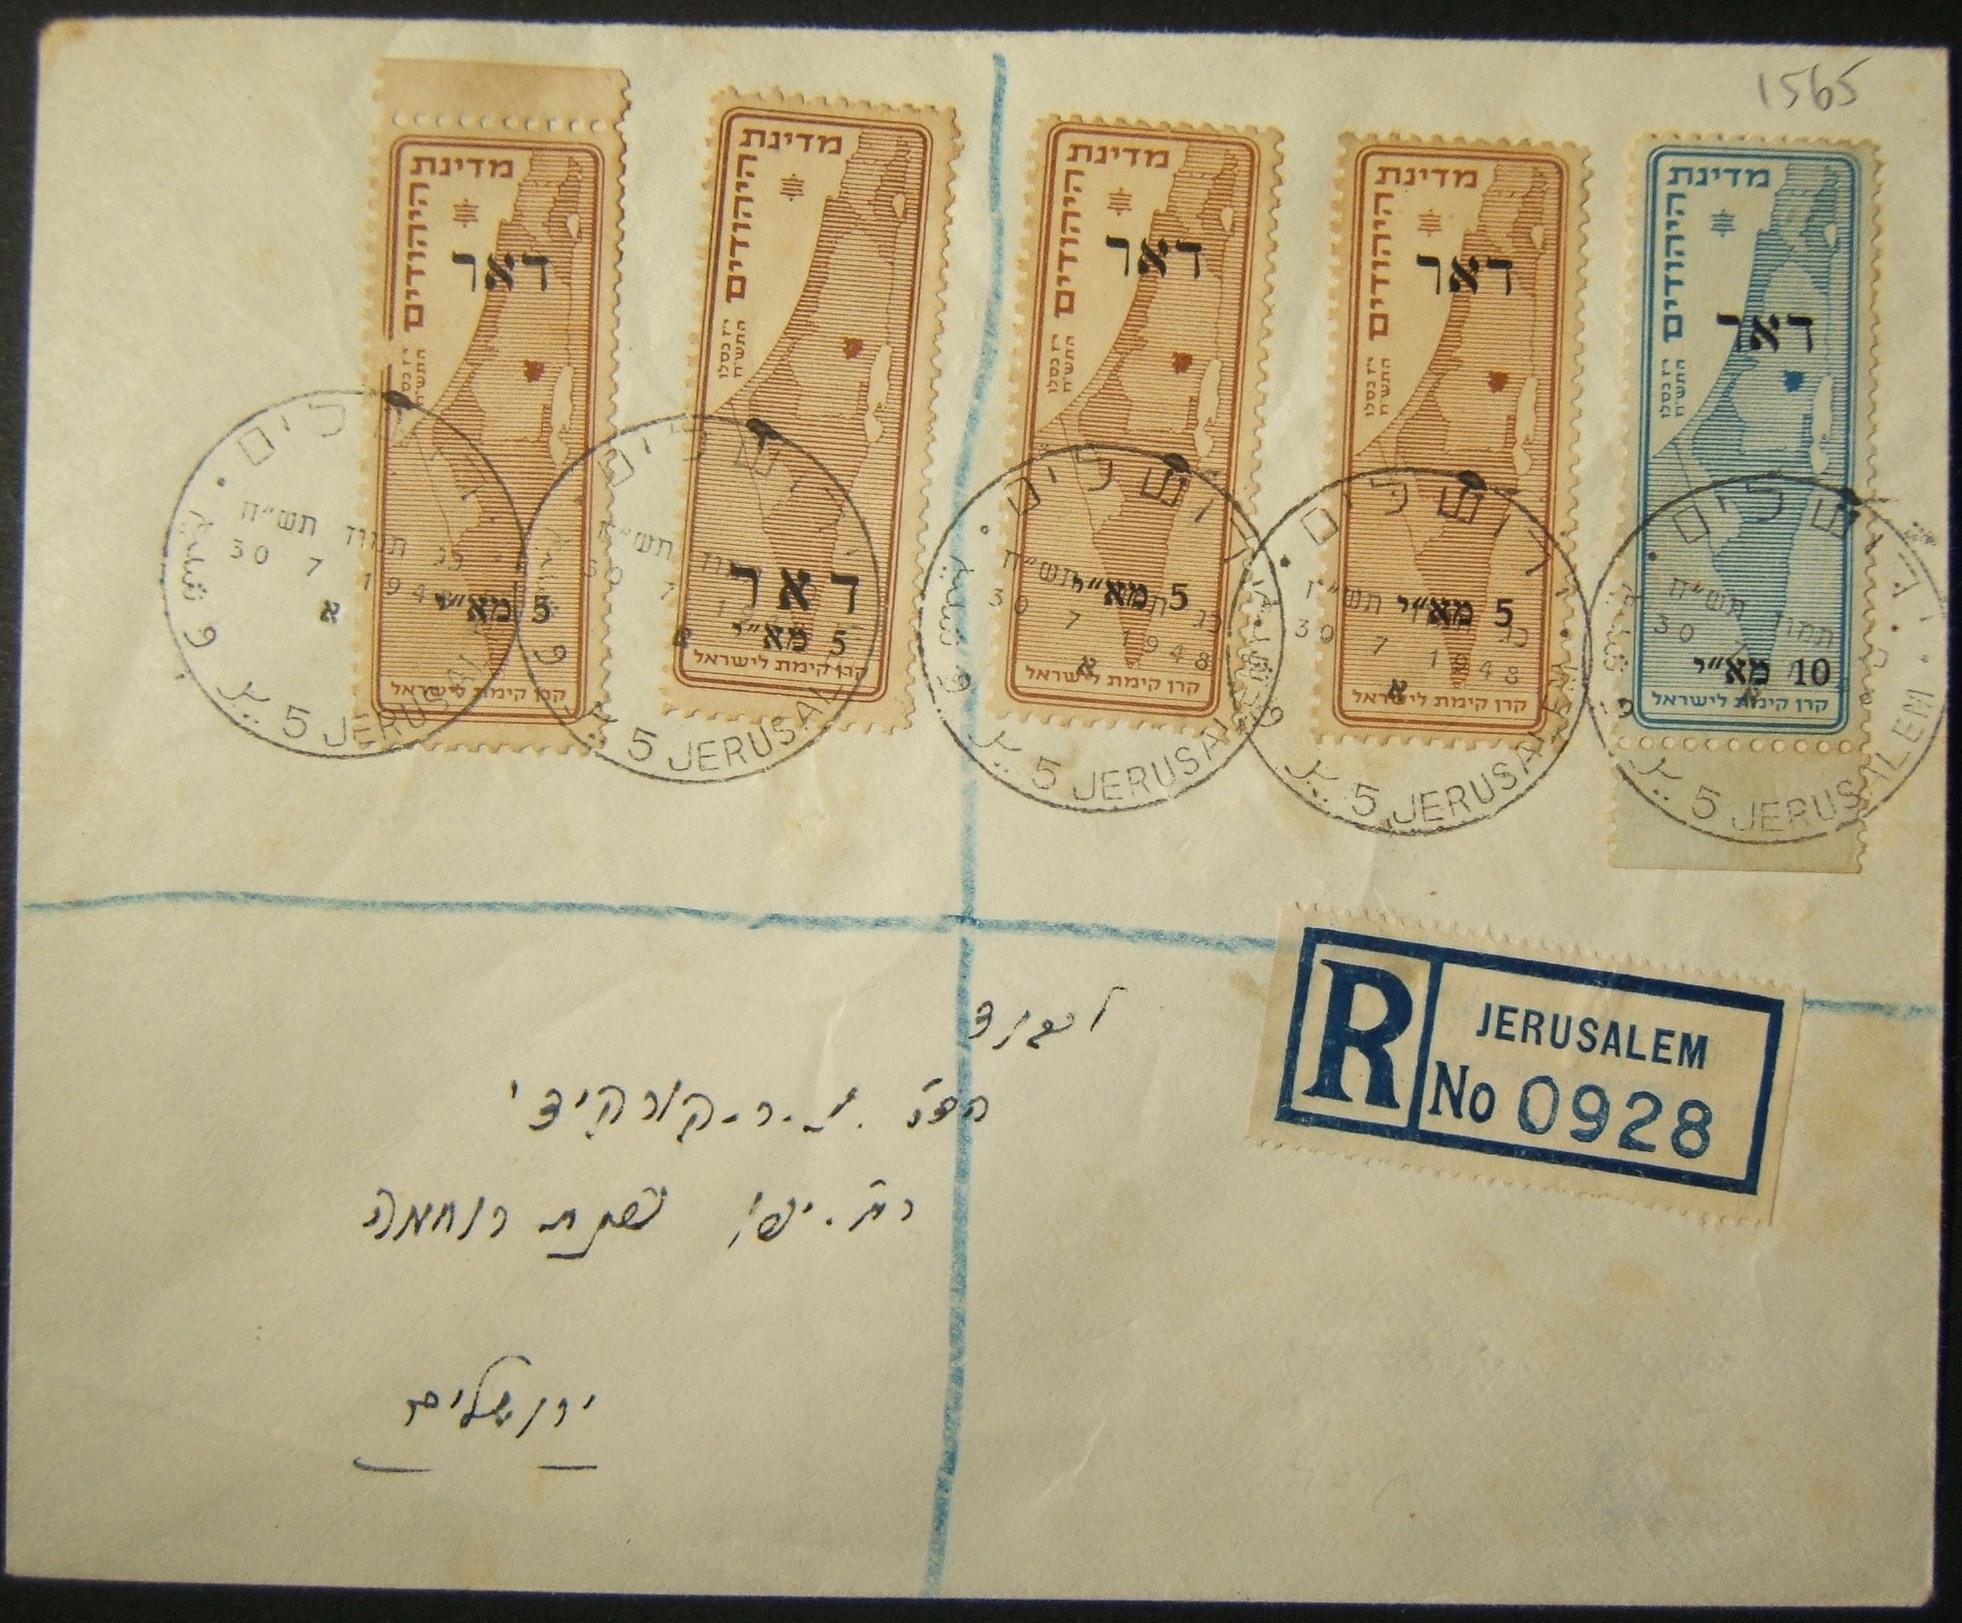 1948 דואר ירושלים המקומי עם נדיר 3 סדרה ביניים פרנק & ליד יום 1 חותמת הדואר